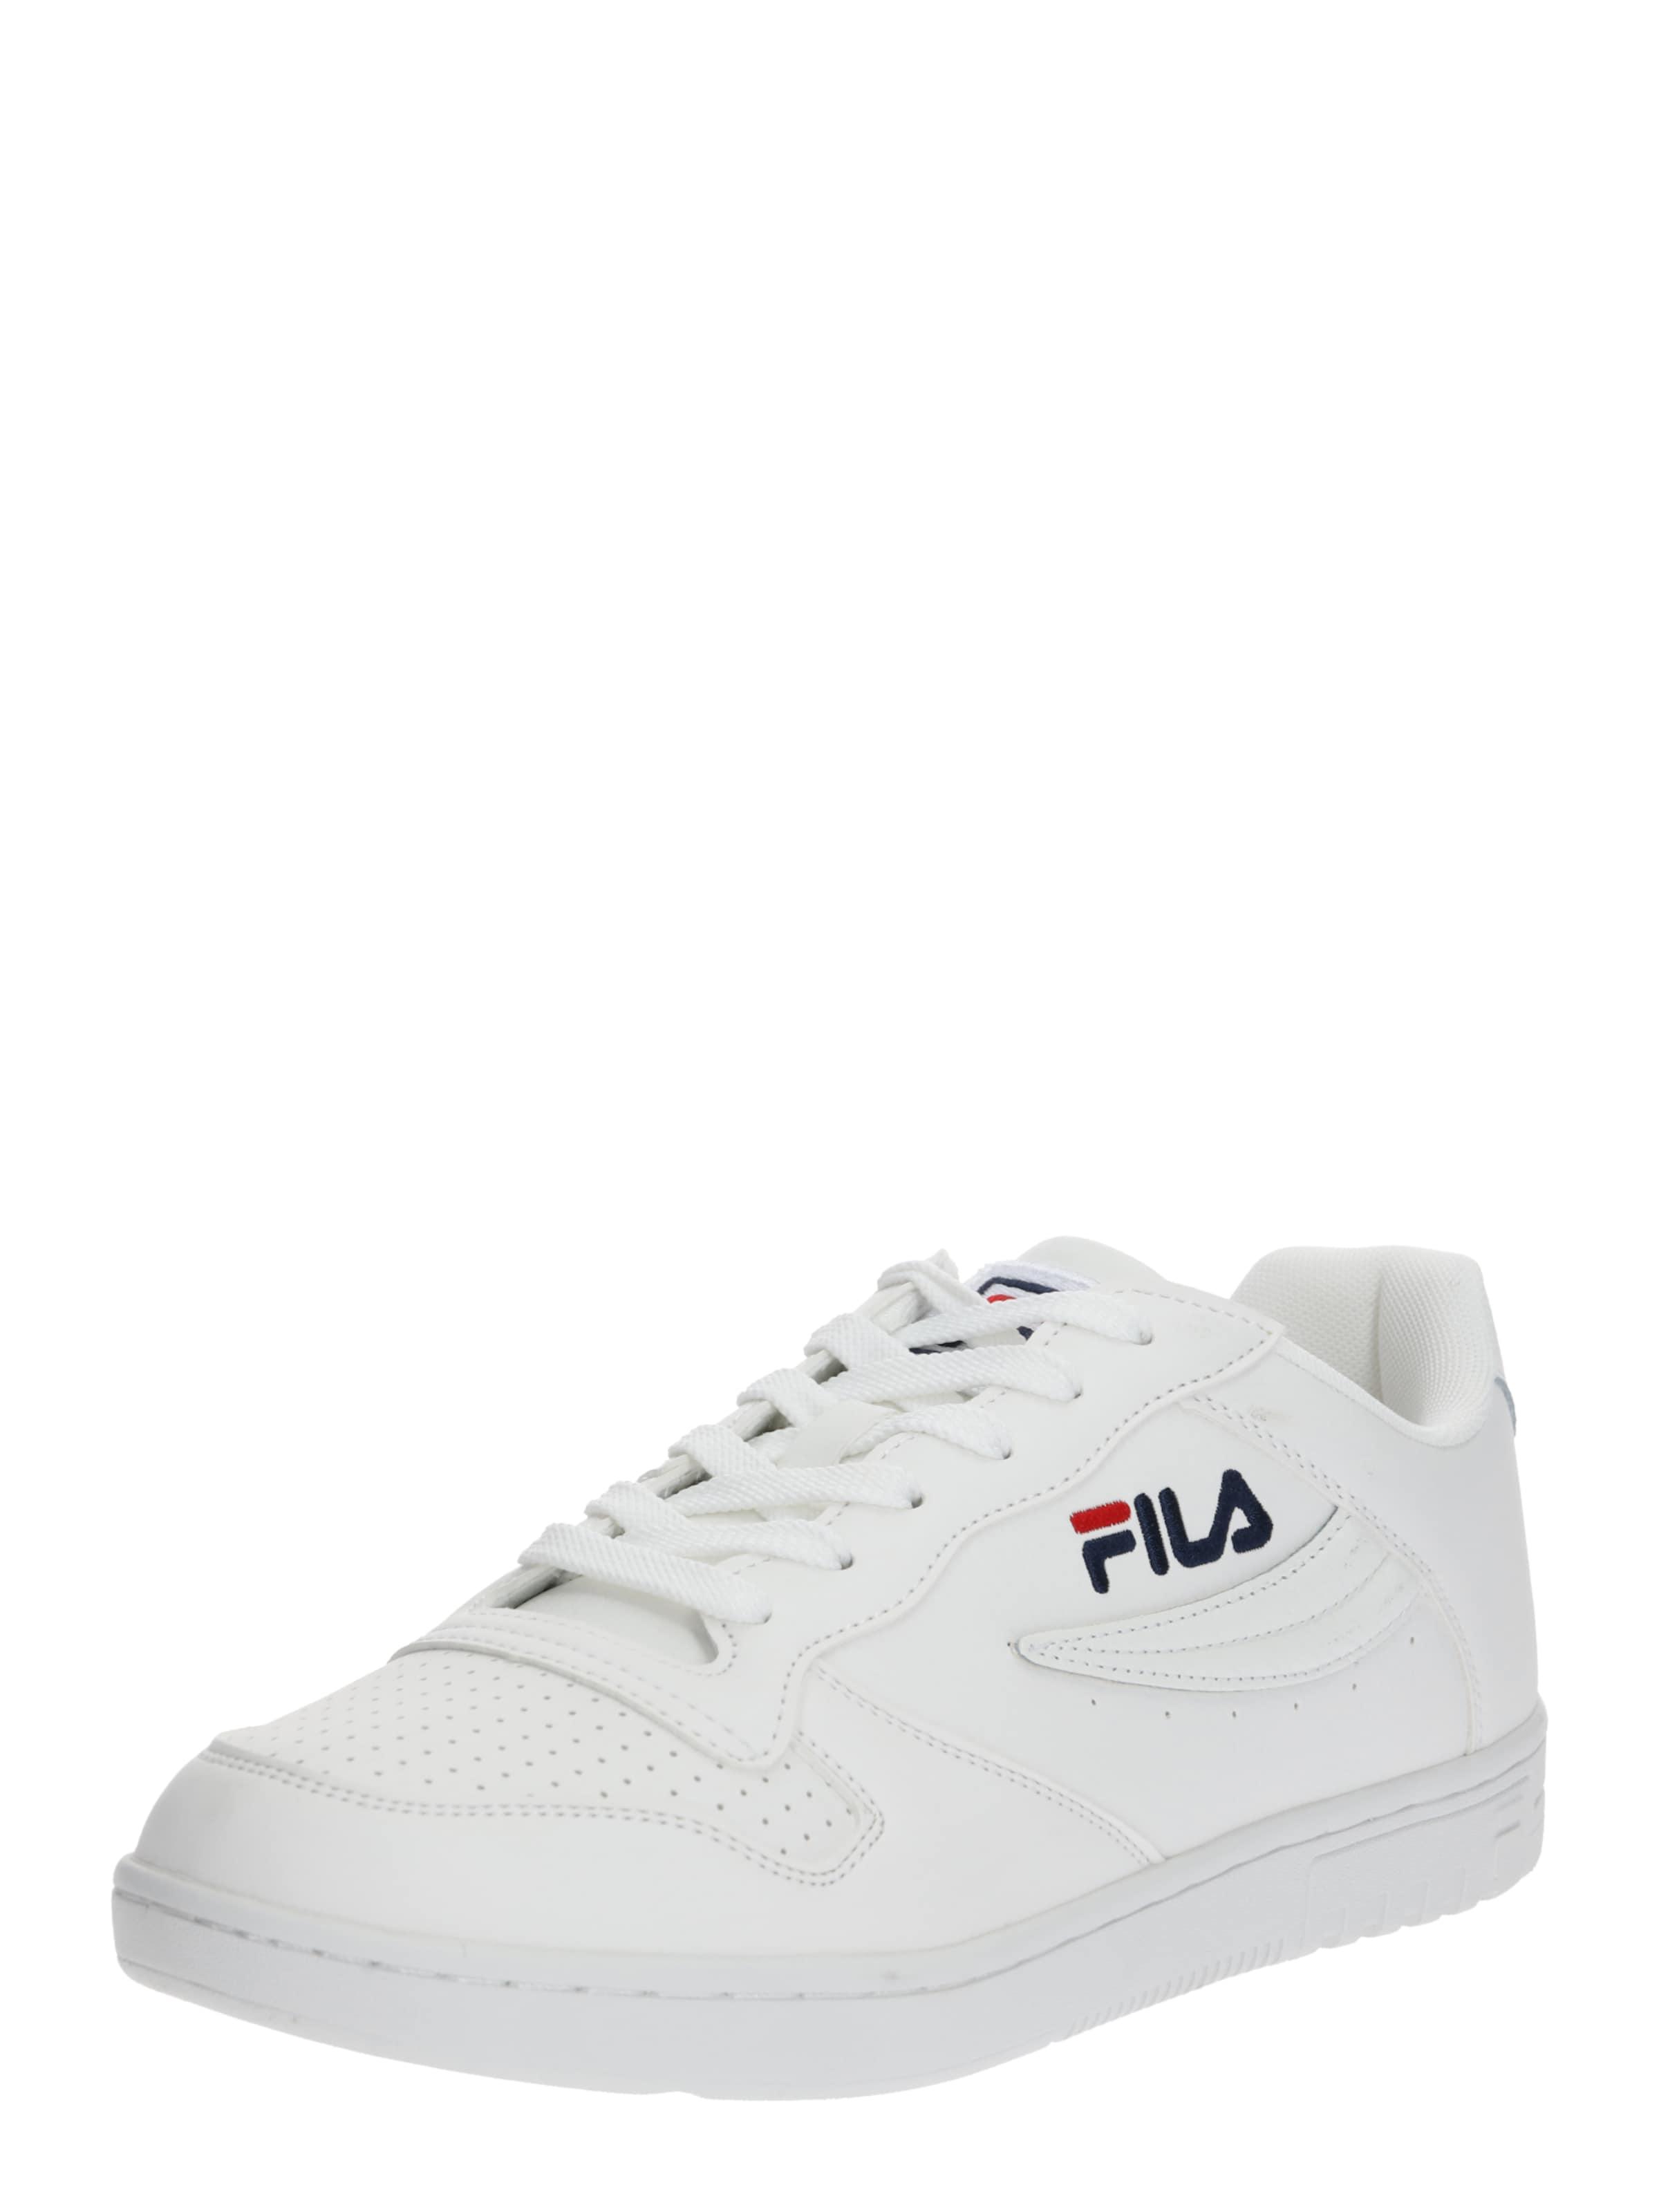 Fila Basses Low' Baskets Blanc En 'fx100 Yfgb76y